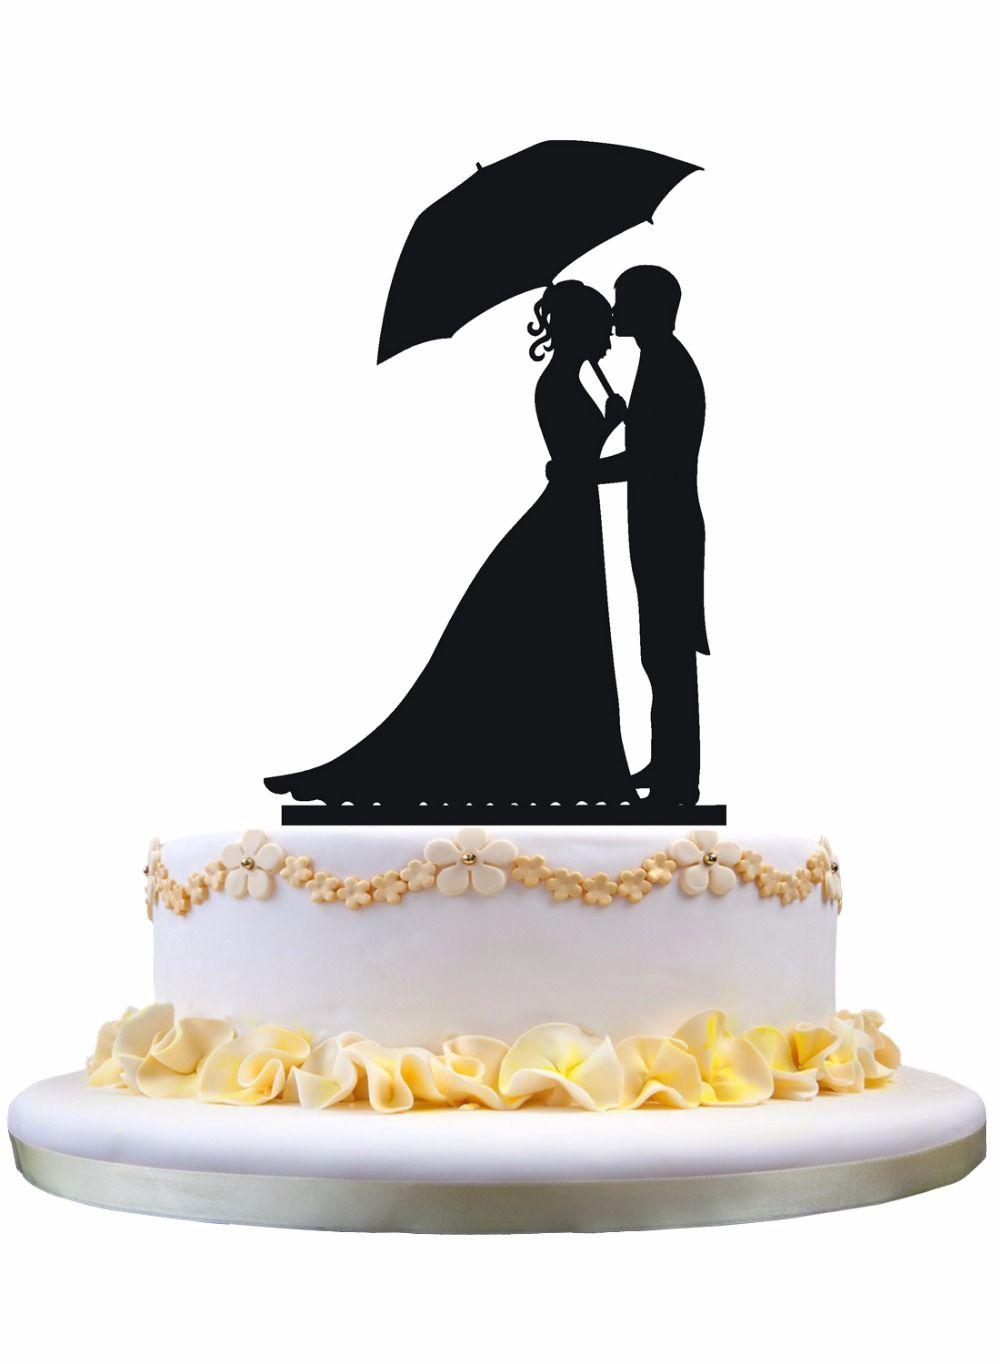 Meijiafei Gelin Tutun Şemsiye ve Damat Siluet Düğün Pastası Topper